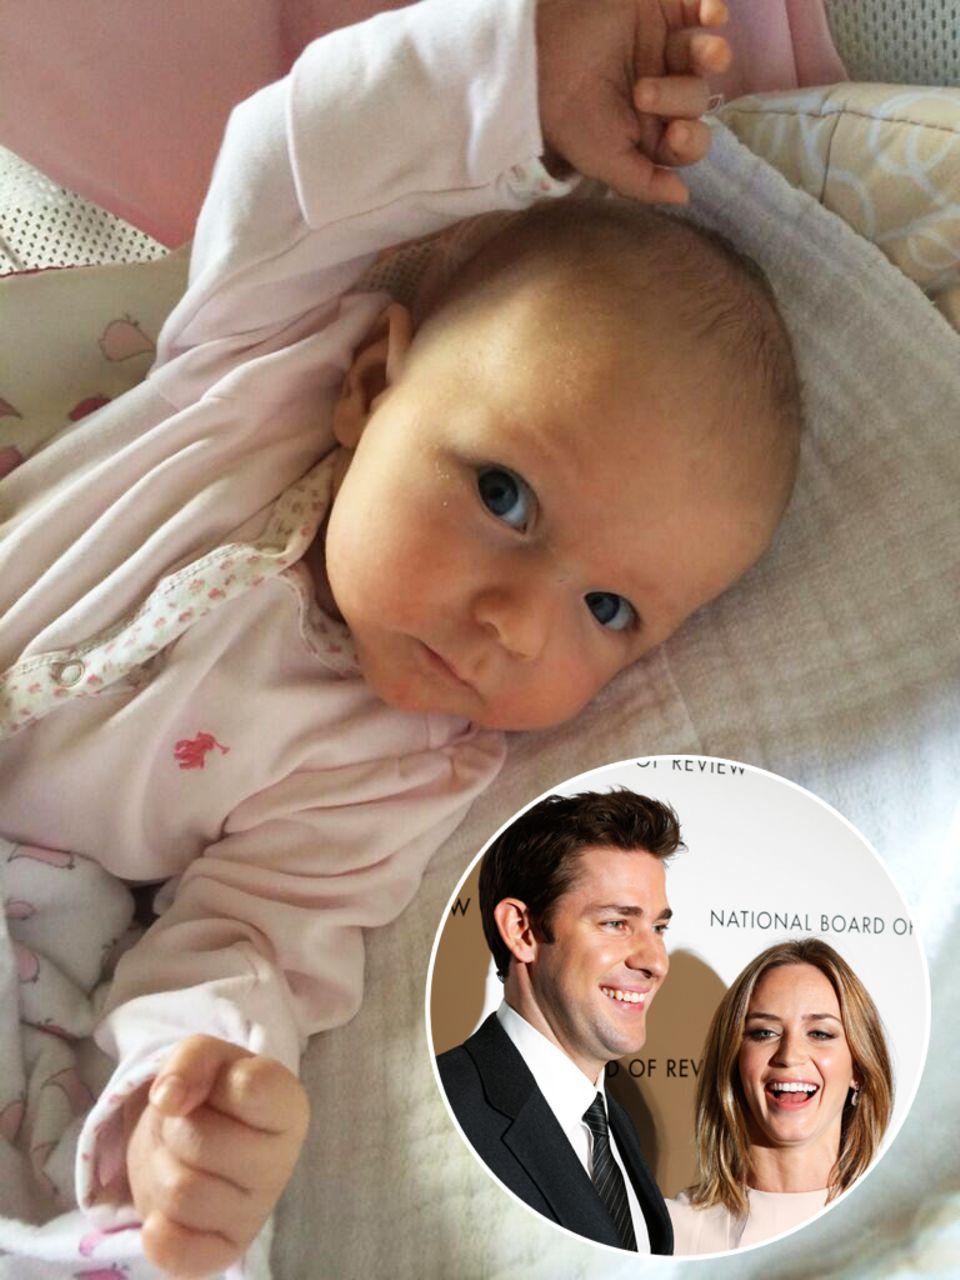 Mai 2014: Mitte Mai veröffentlicht John Krasinski über Twitter das erste Bild seiner Tochter Hazel. Mutter der Kleinen ist Schauspielerin Emily Blunt, das Paar ist seit 2010 verheiratet. Am 16. Februar krönte nun die Geburt der gemeinsamen Tochter ihre Liebe.